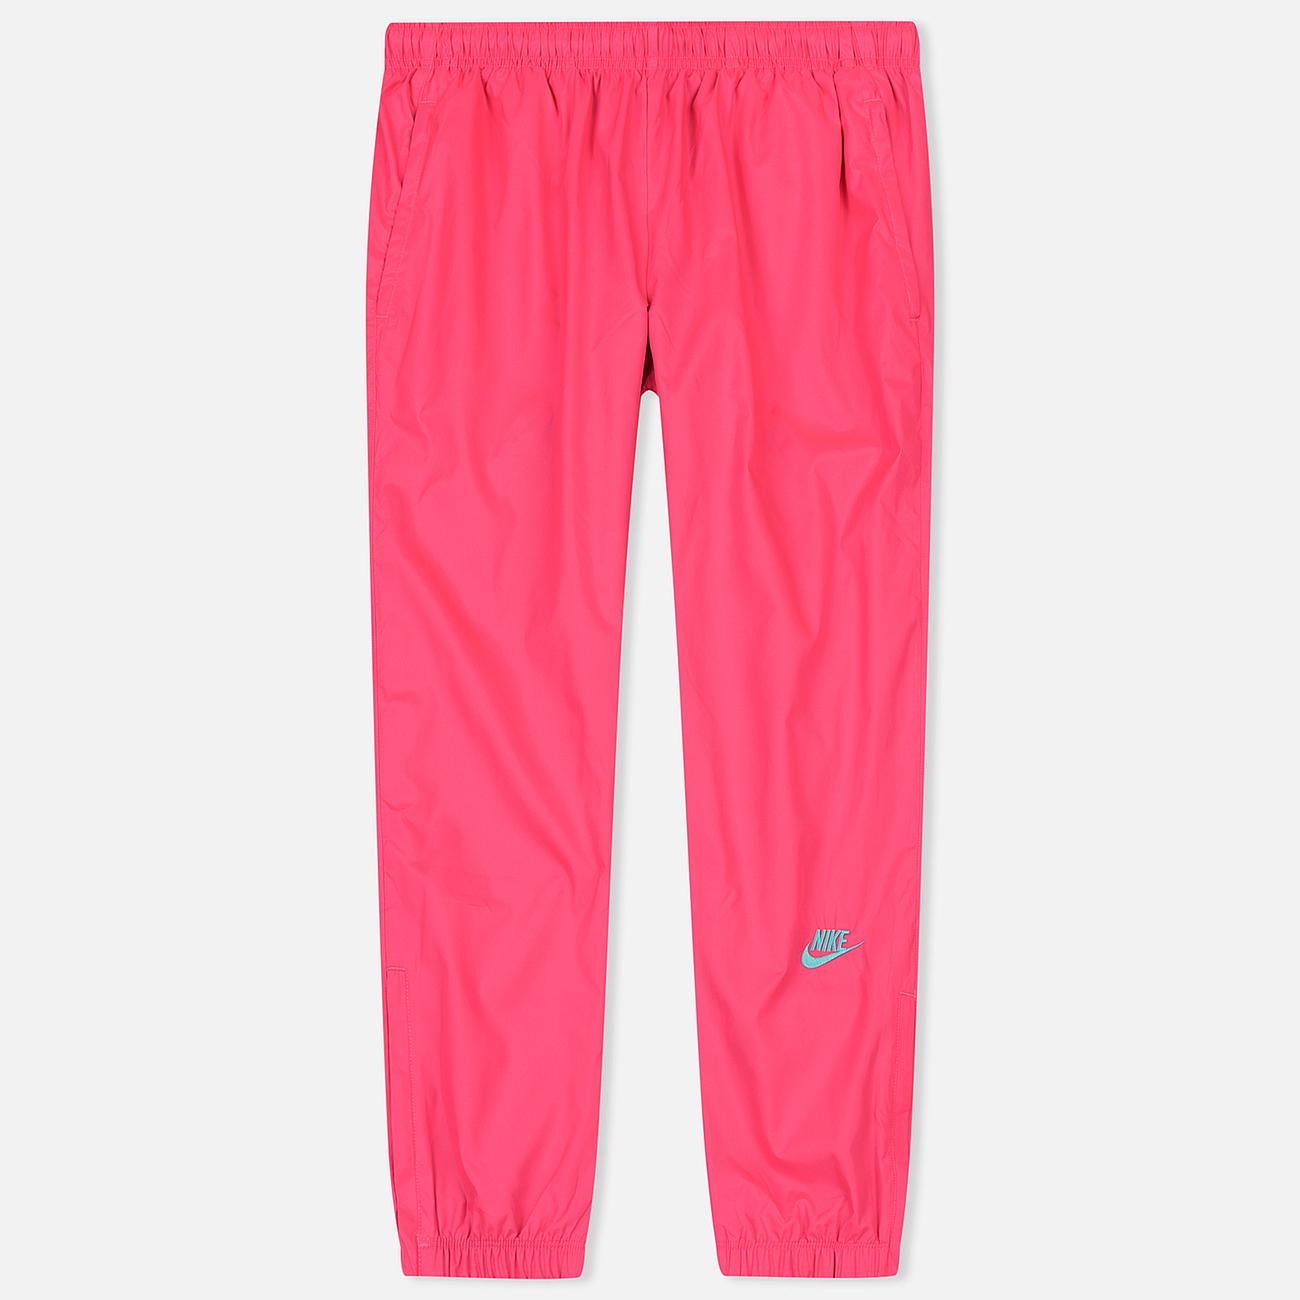 Мужские брюки Nike x atmos NRG Vintage Patchwork Hyper Pink/Hyper Jade